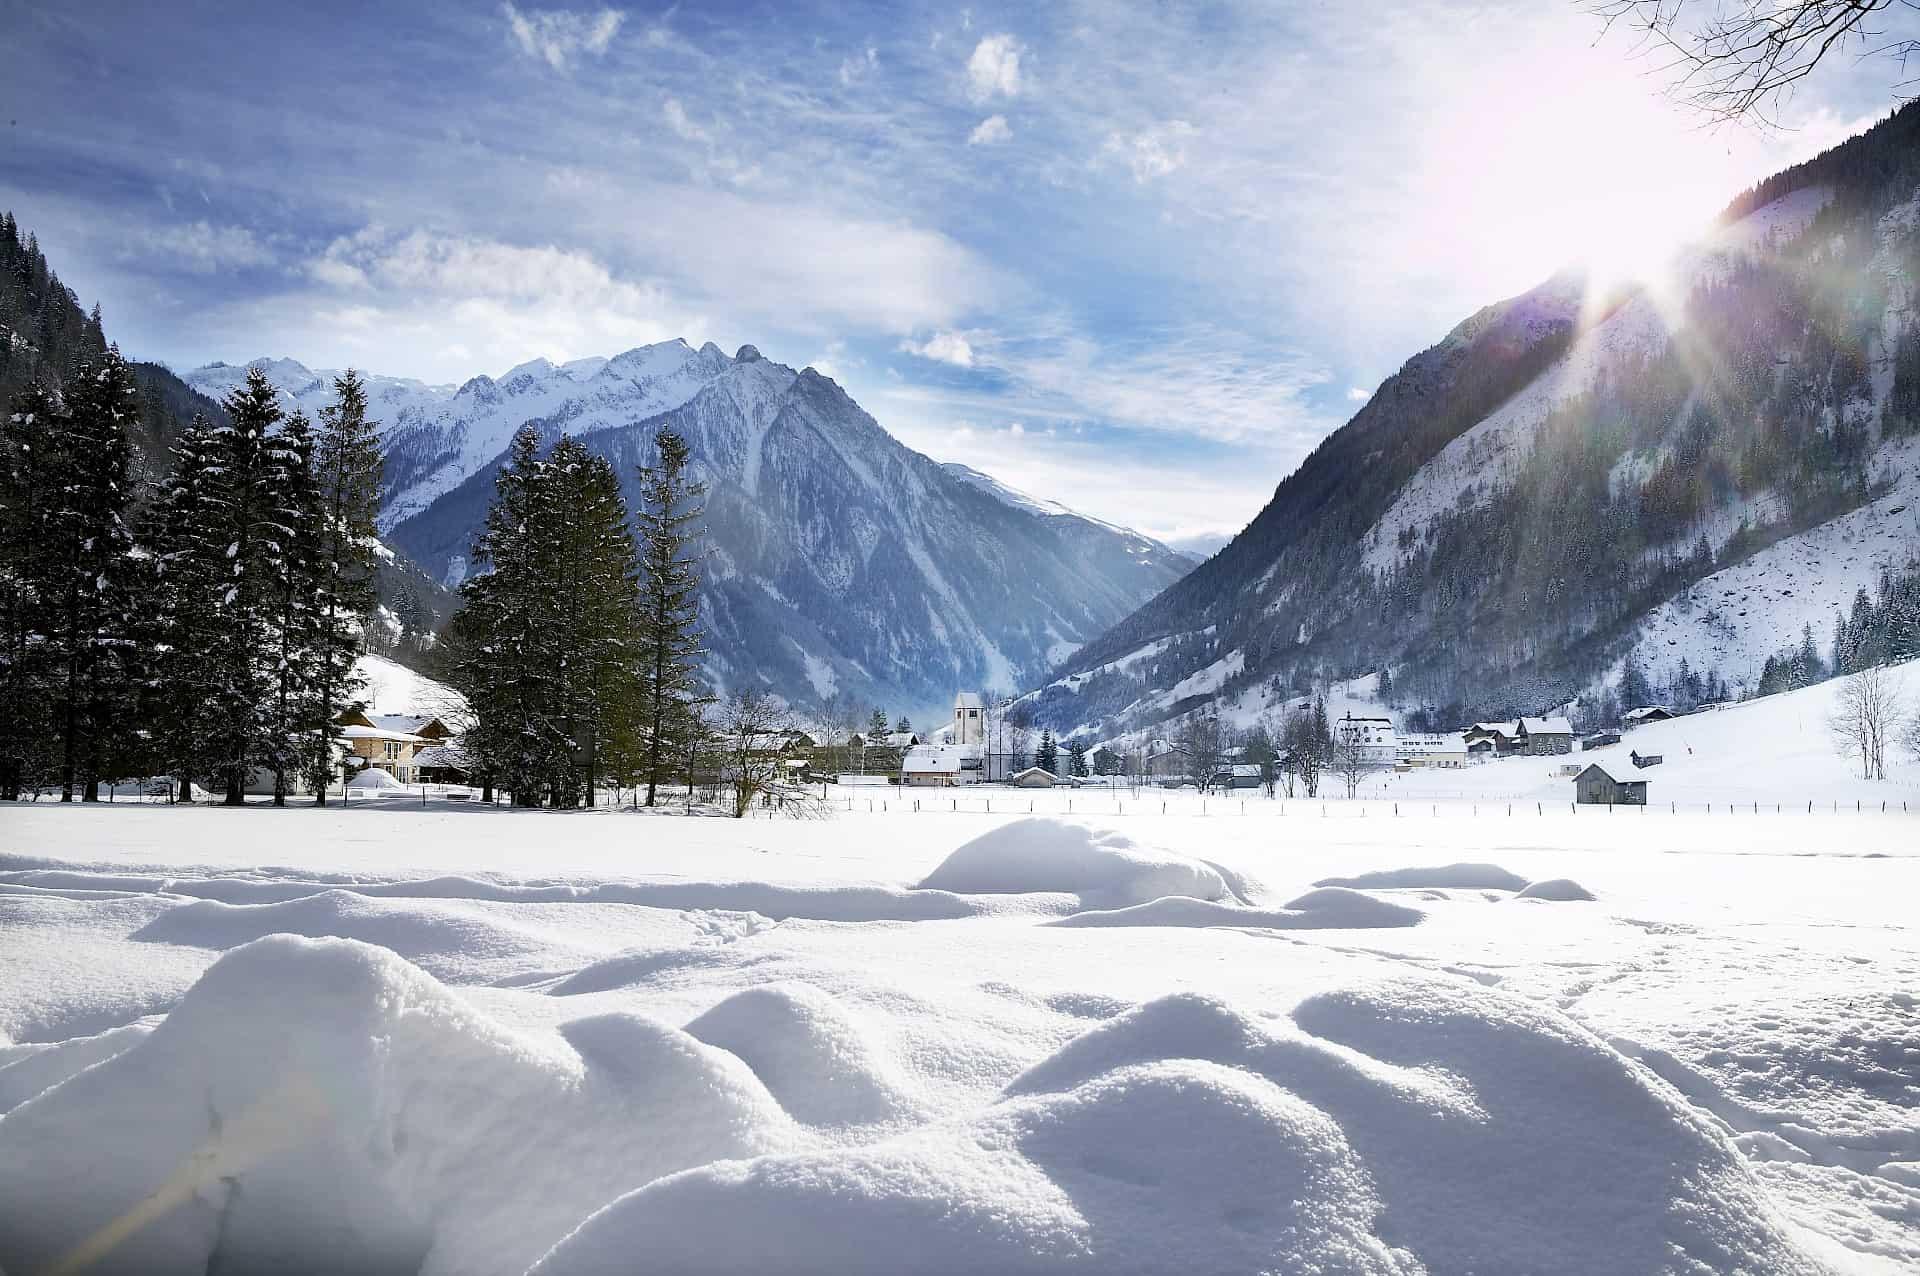 Fusch Winter